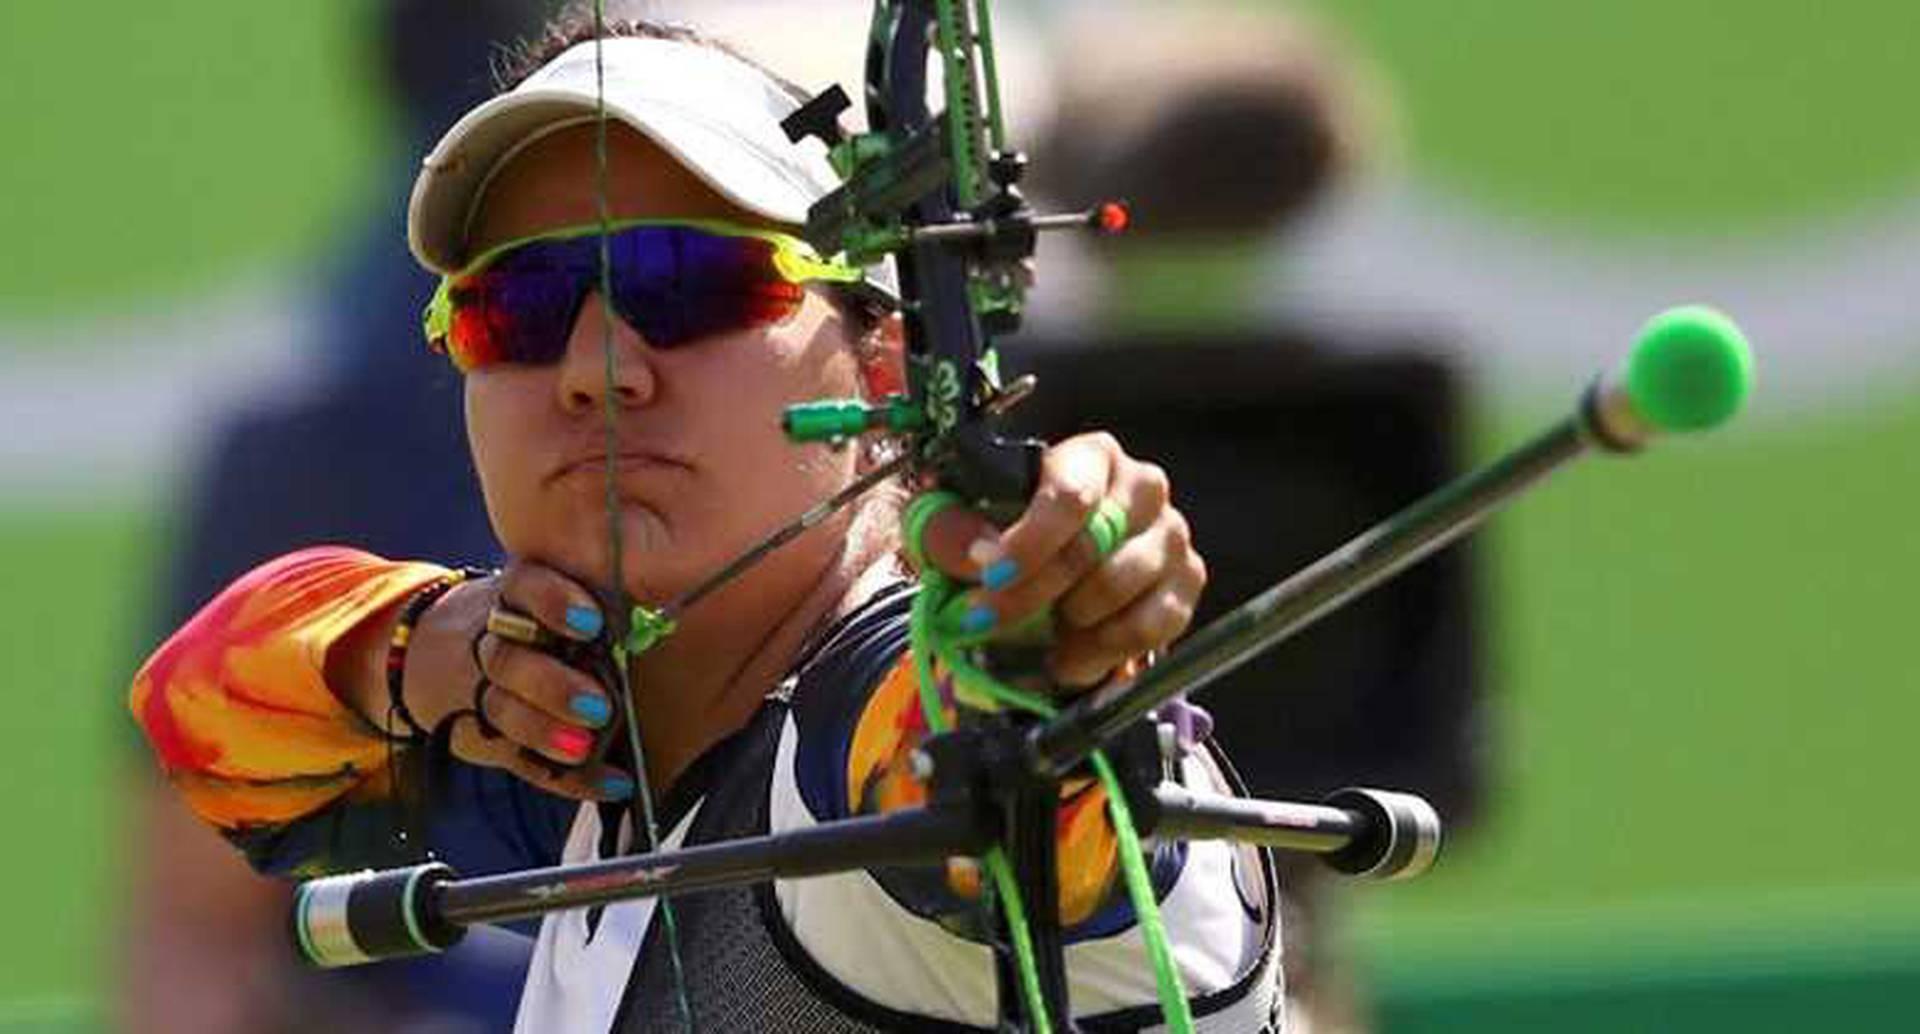 Ana María Rendón, tiro con arco -  Participó en el individual femenino, en eliminatorias quedó de 32 y perdió 6-2 contra la sueca Christine Bjerendal / Foto vía: Google.